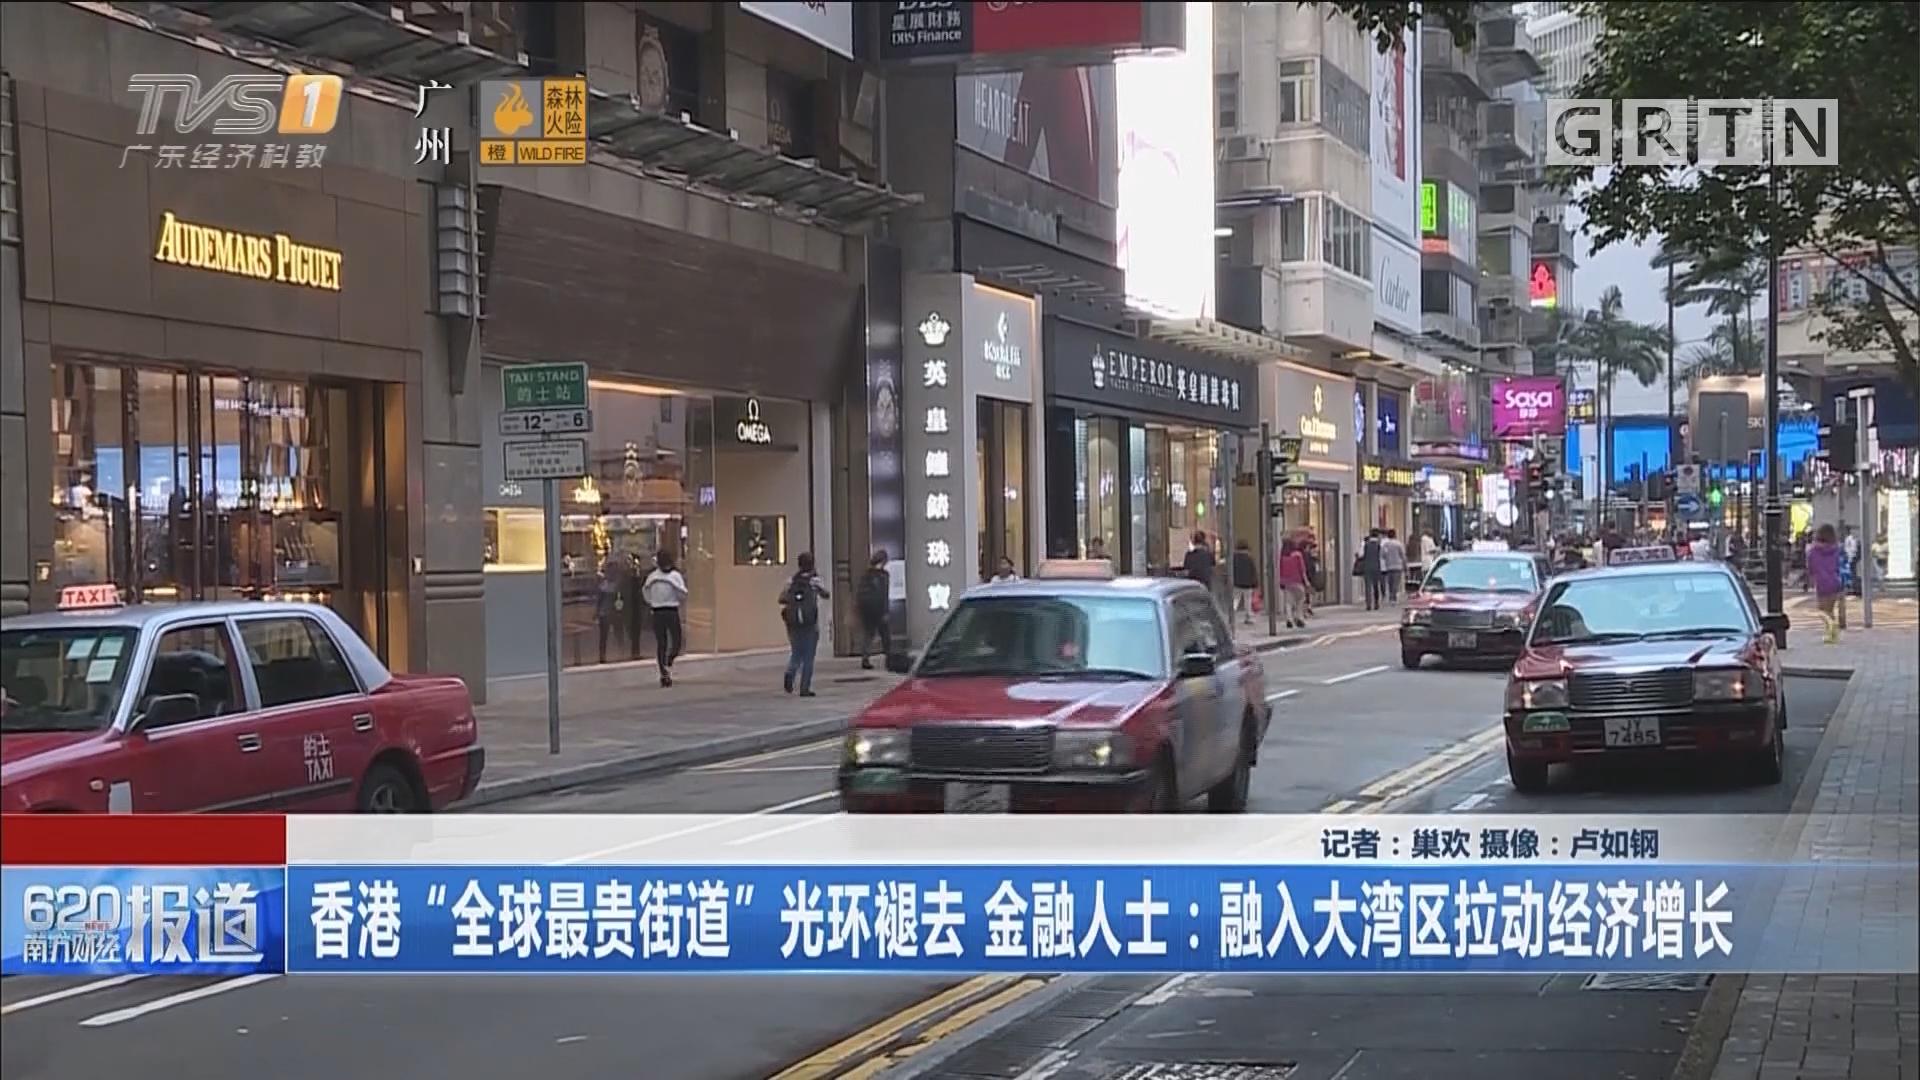 """香港""""全球最贵街道""""光环褪去 金融人士:融入大湾区拉动经济增长"""